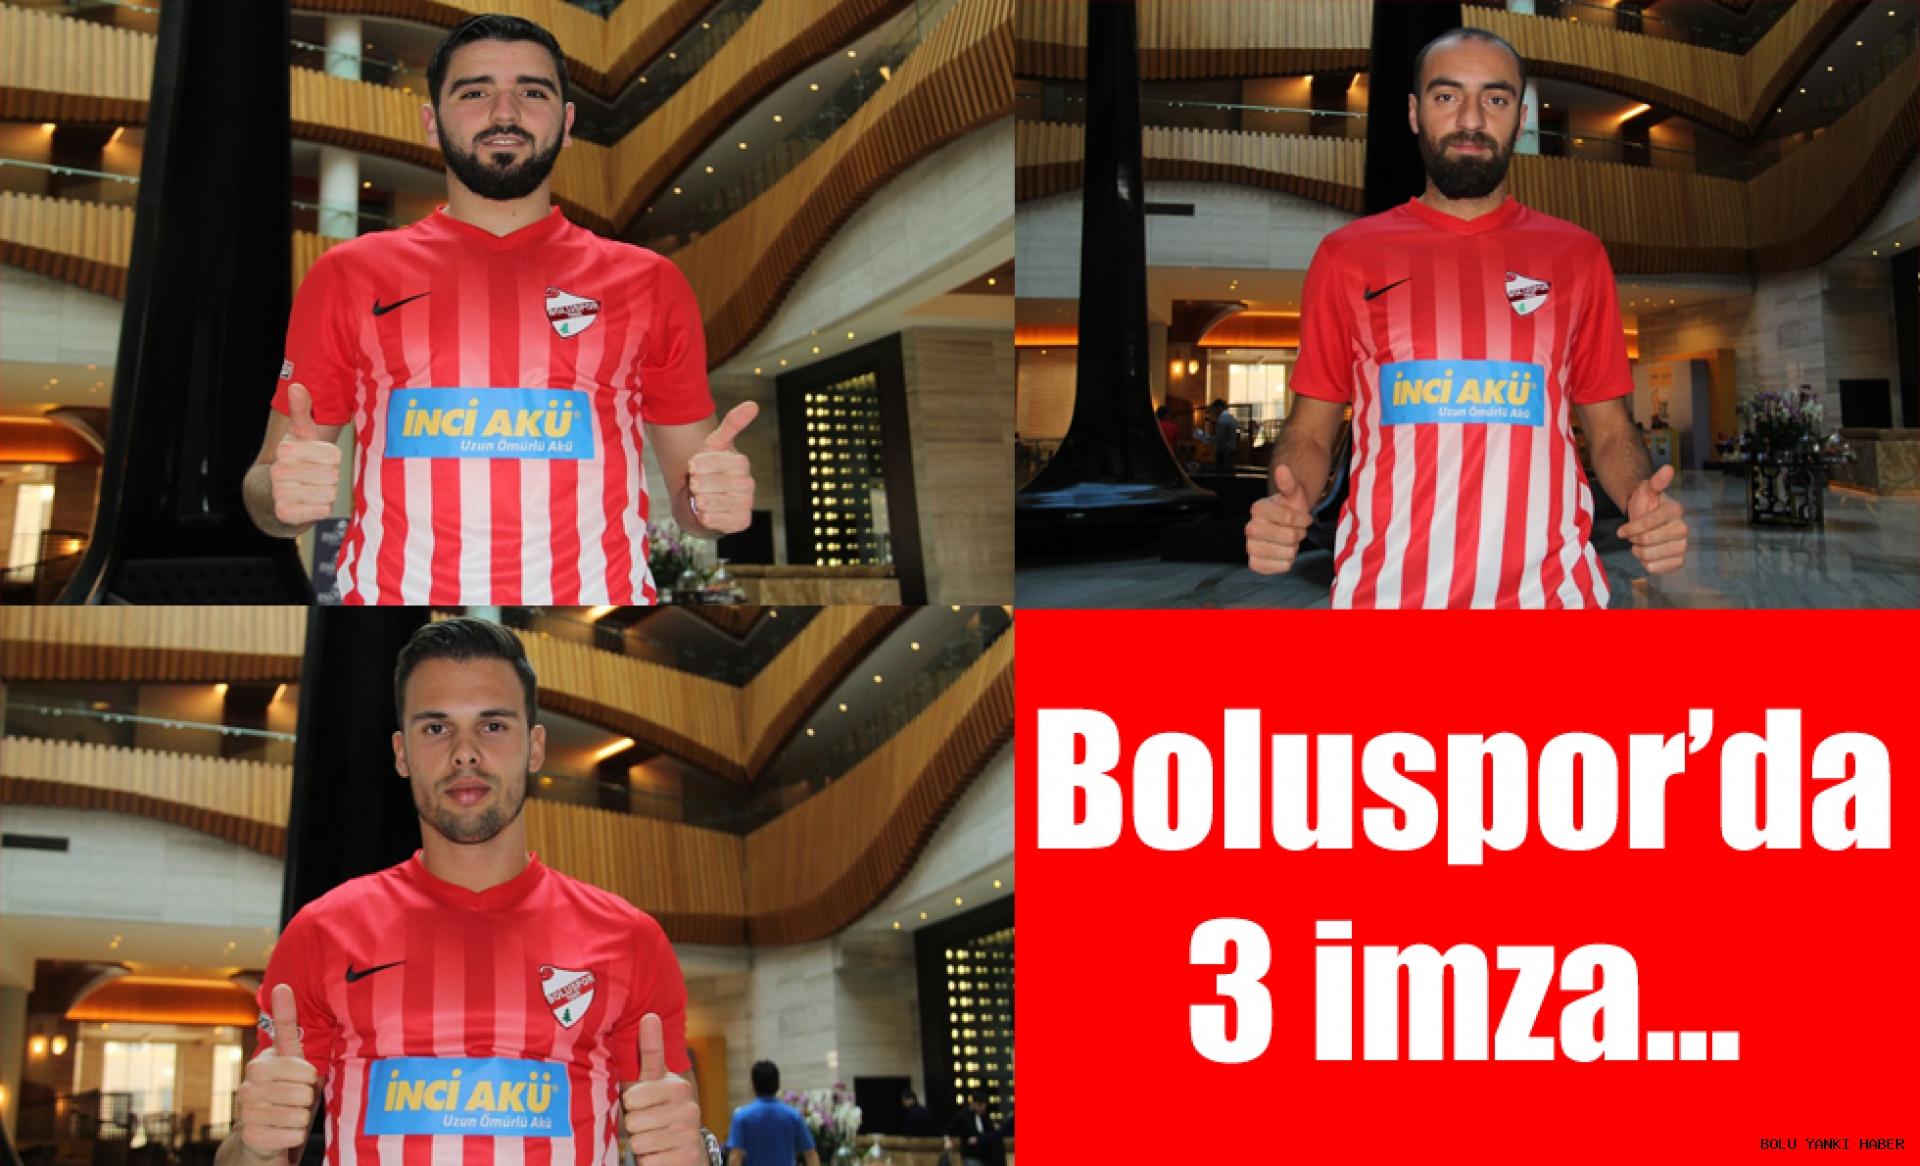 Boluspor 3 oyuncu ile sözleşme imzaladı